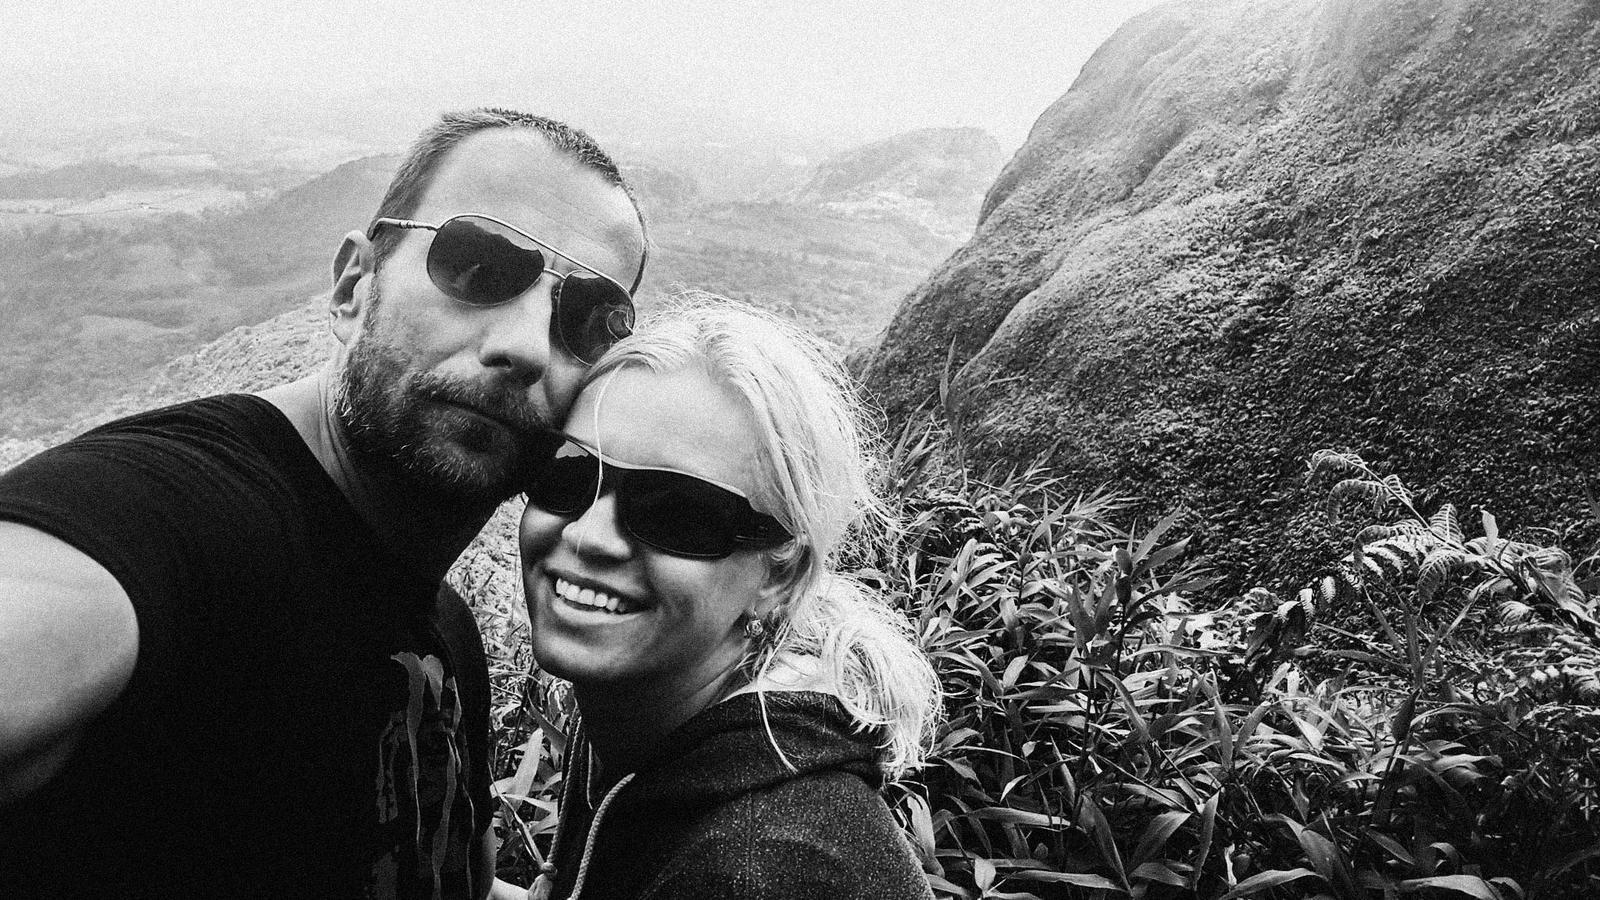 monikabauer - Jsme manželé, svatební fotografka Monika a kameraman Tom